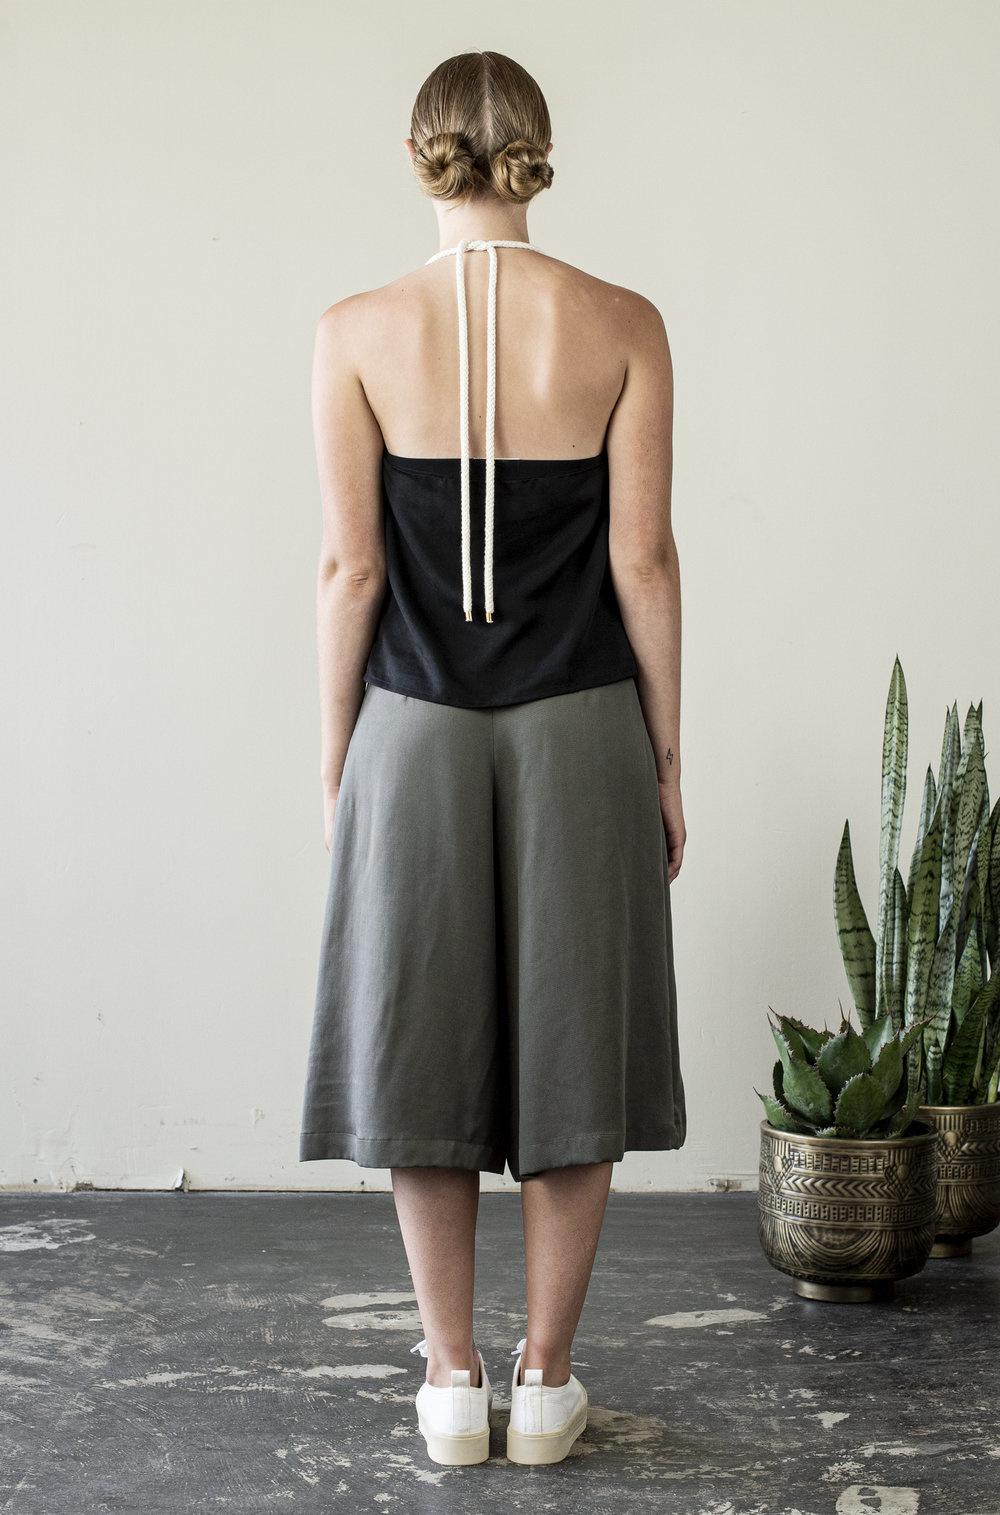 Bodybag Bodybag - Tofino Culotte